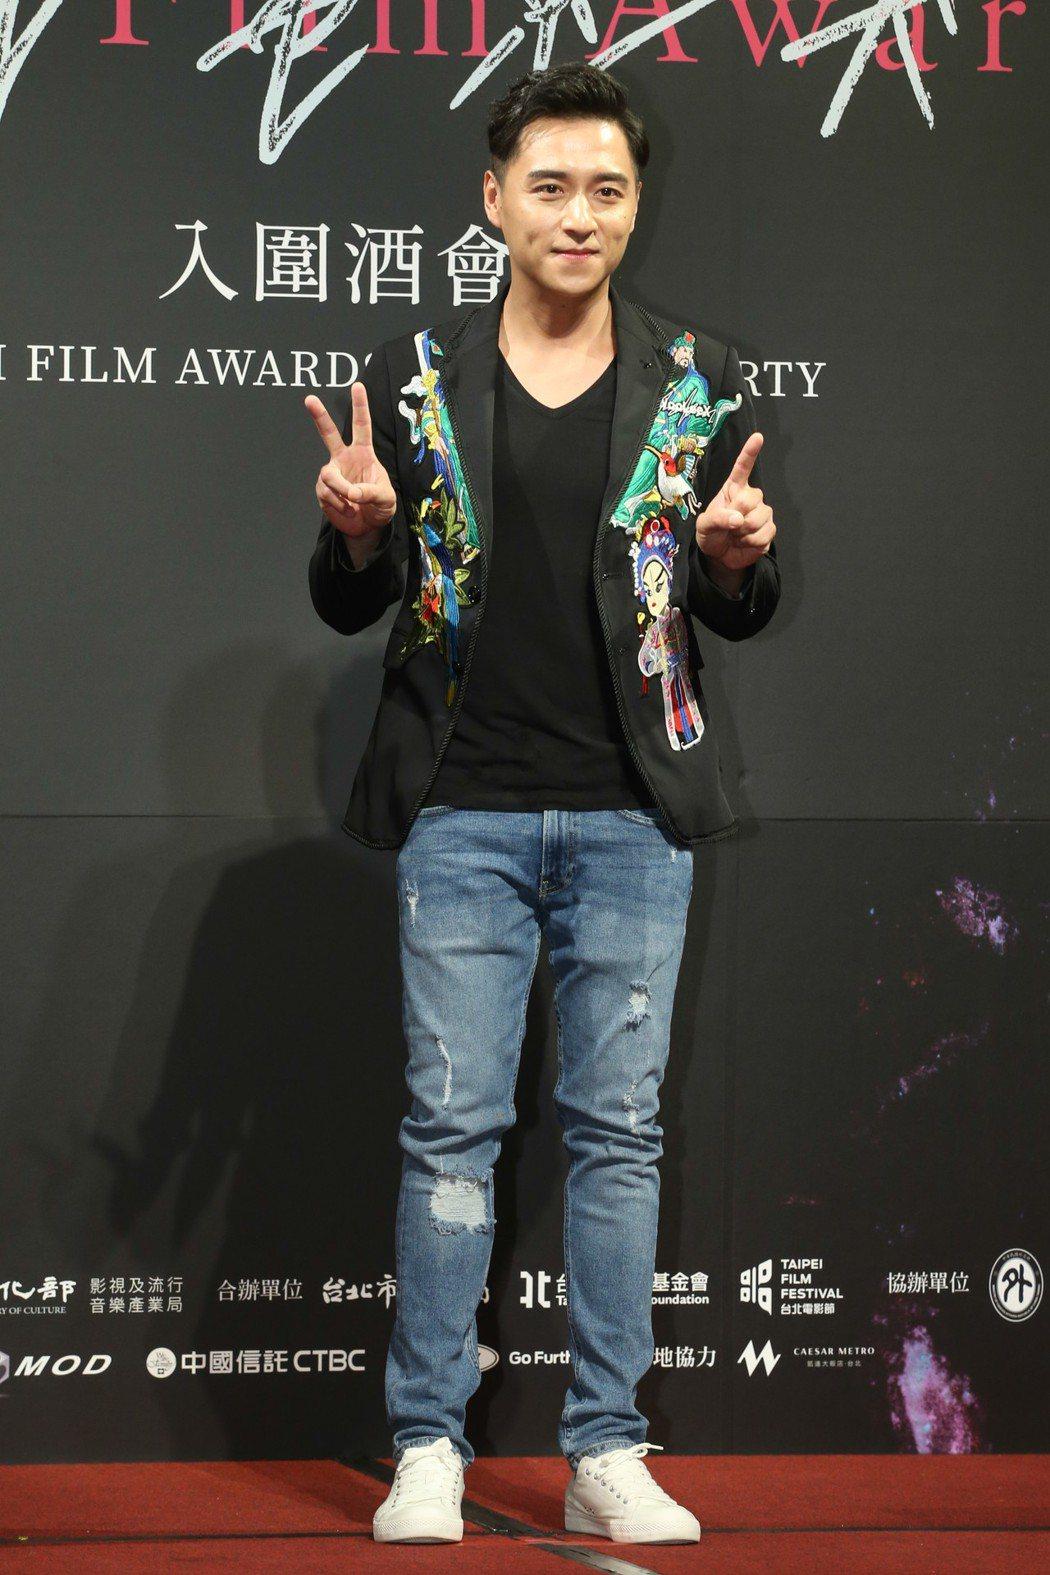 最佳男主角入圍者鄭人碩昨天出席台北電影獎入圍酒會。記者葉信菉/攝影 葉信菉